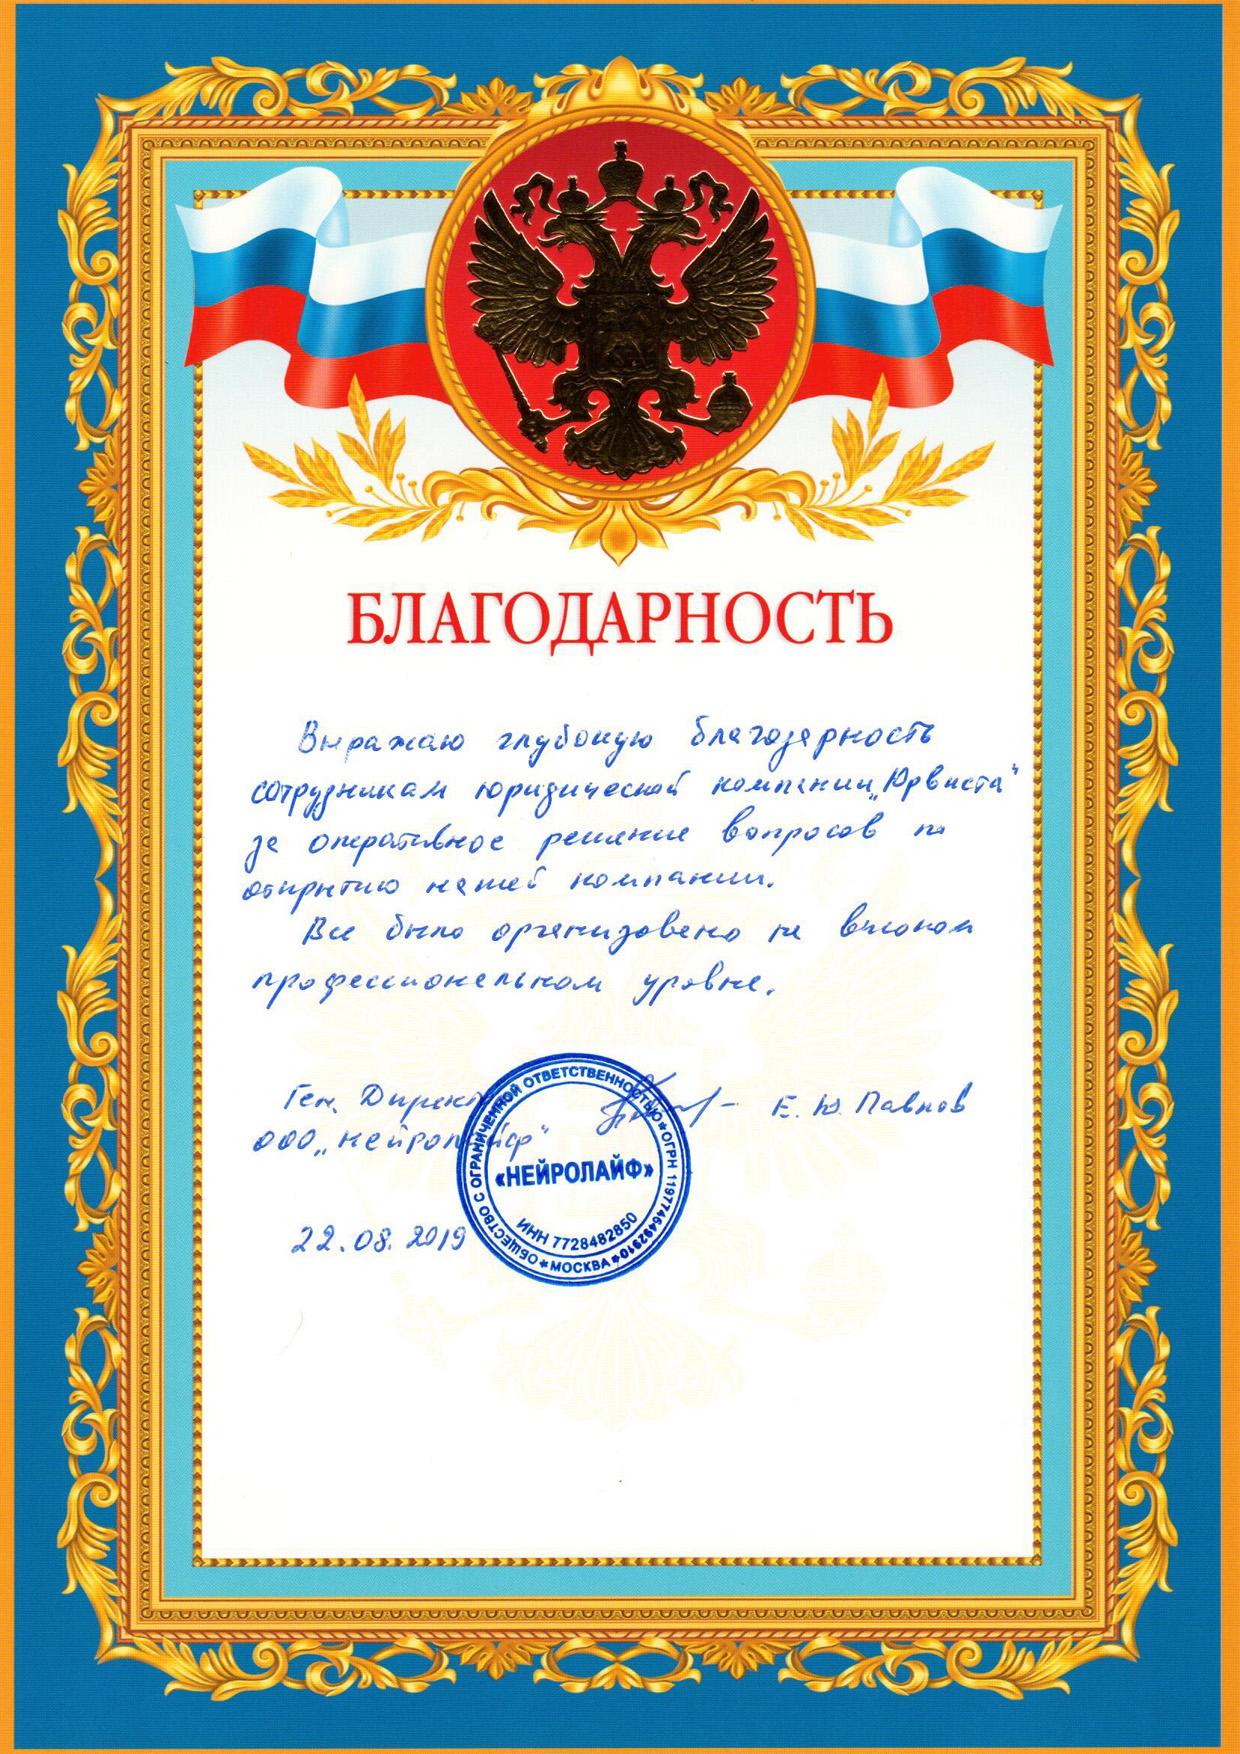 российская газета юридические консультации